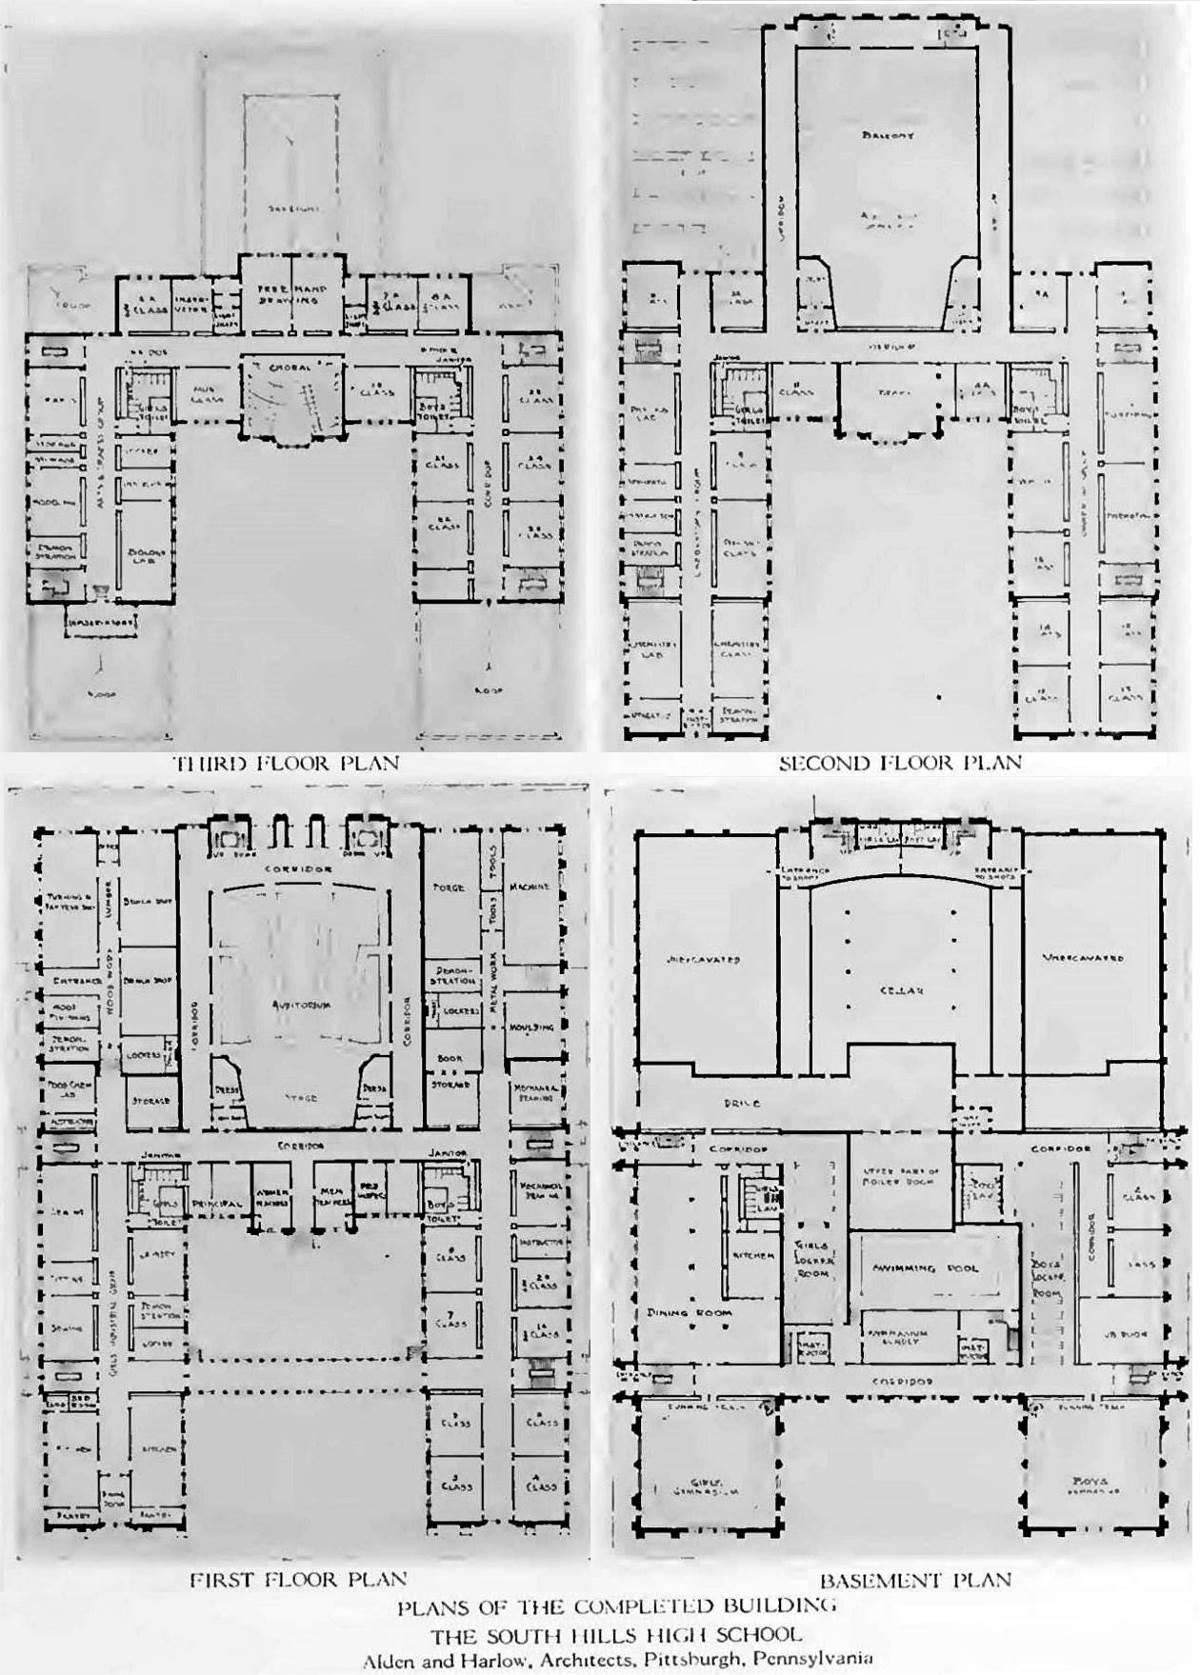 Floor plan of south hills high school 1917